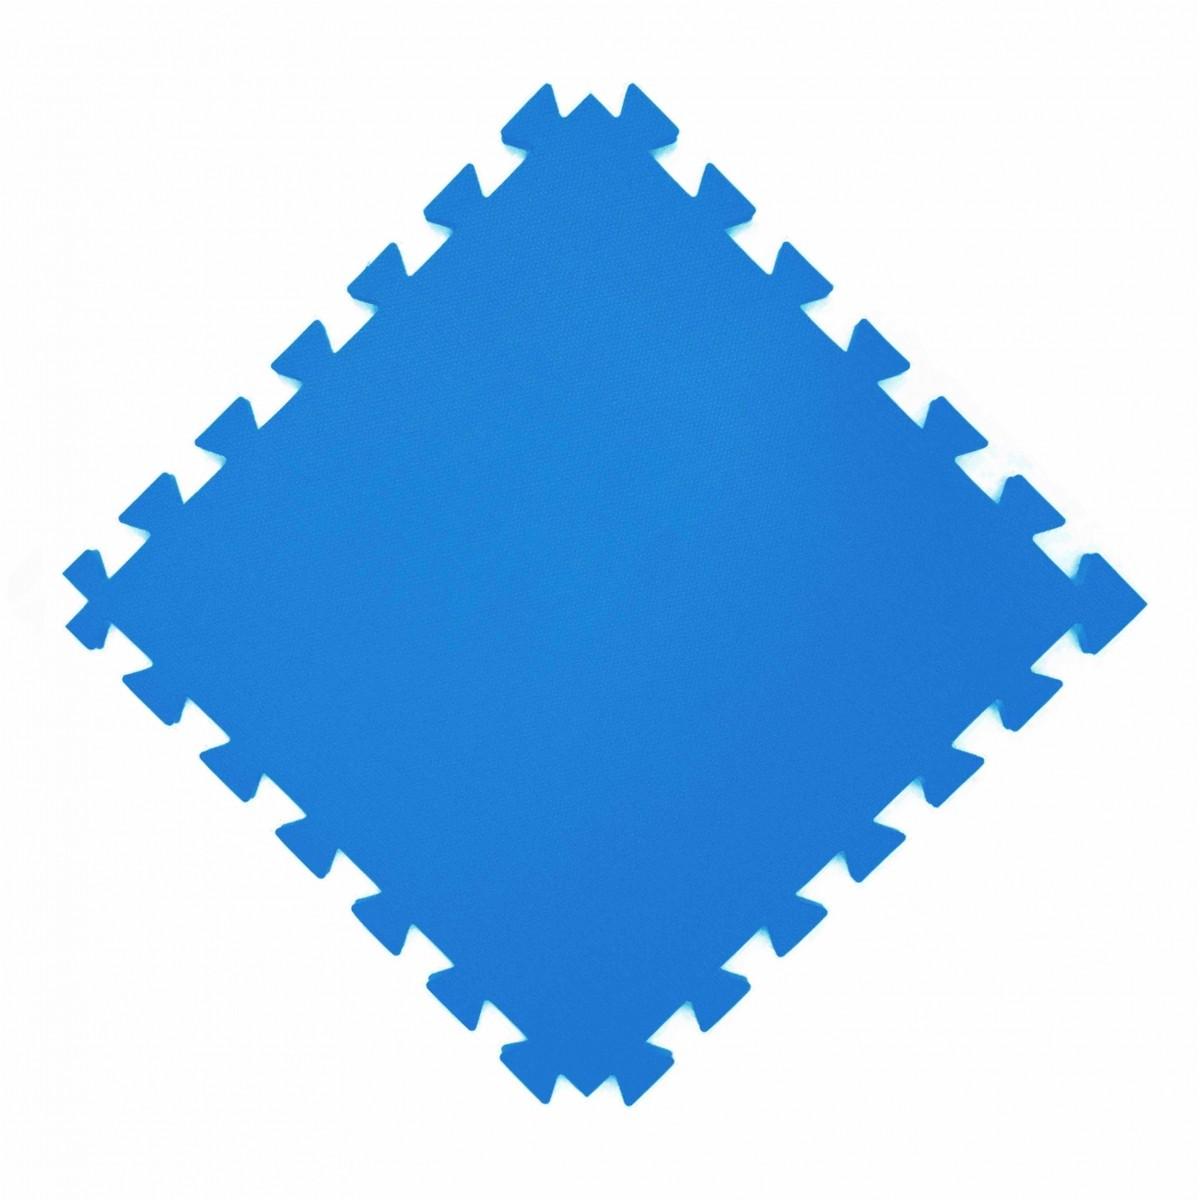 Tatame  100x100cm Com 20mm de Espessura    Azul  - Brindes Visão loja